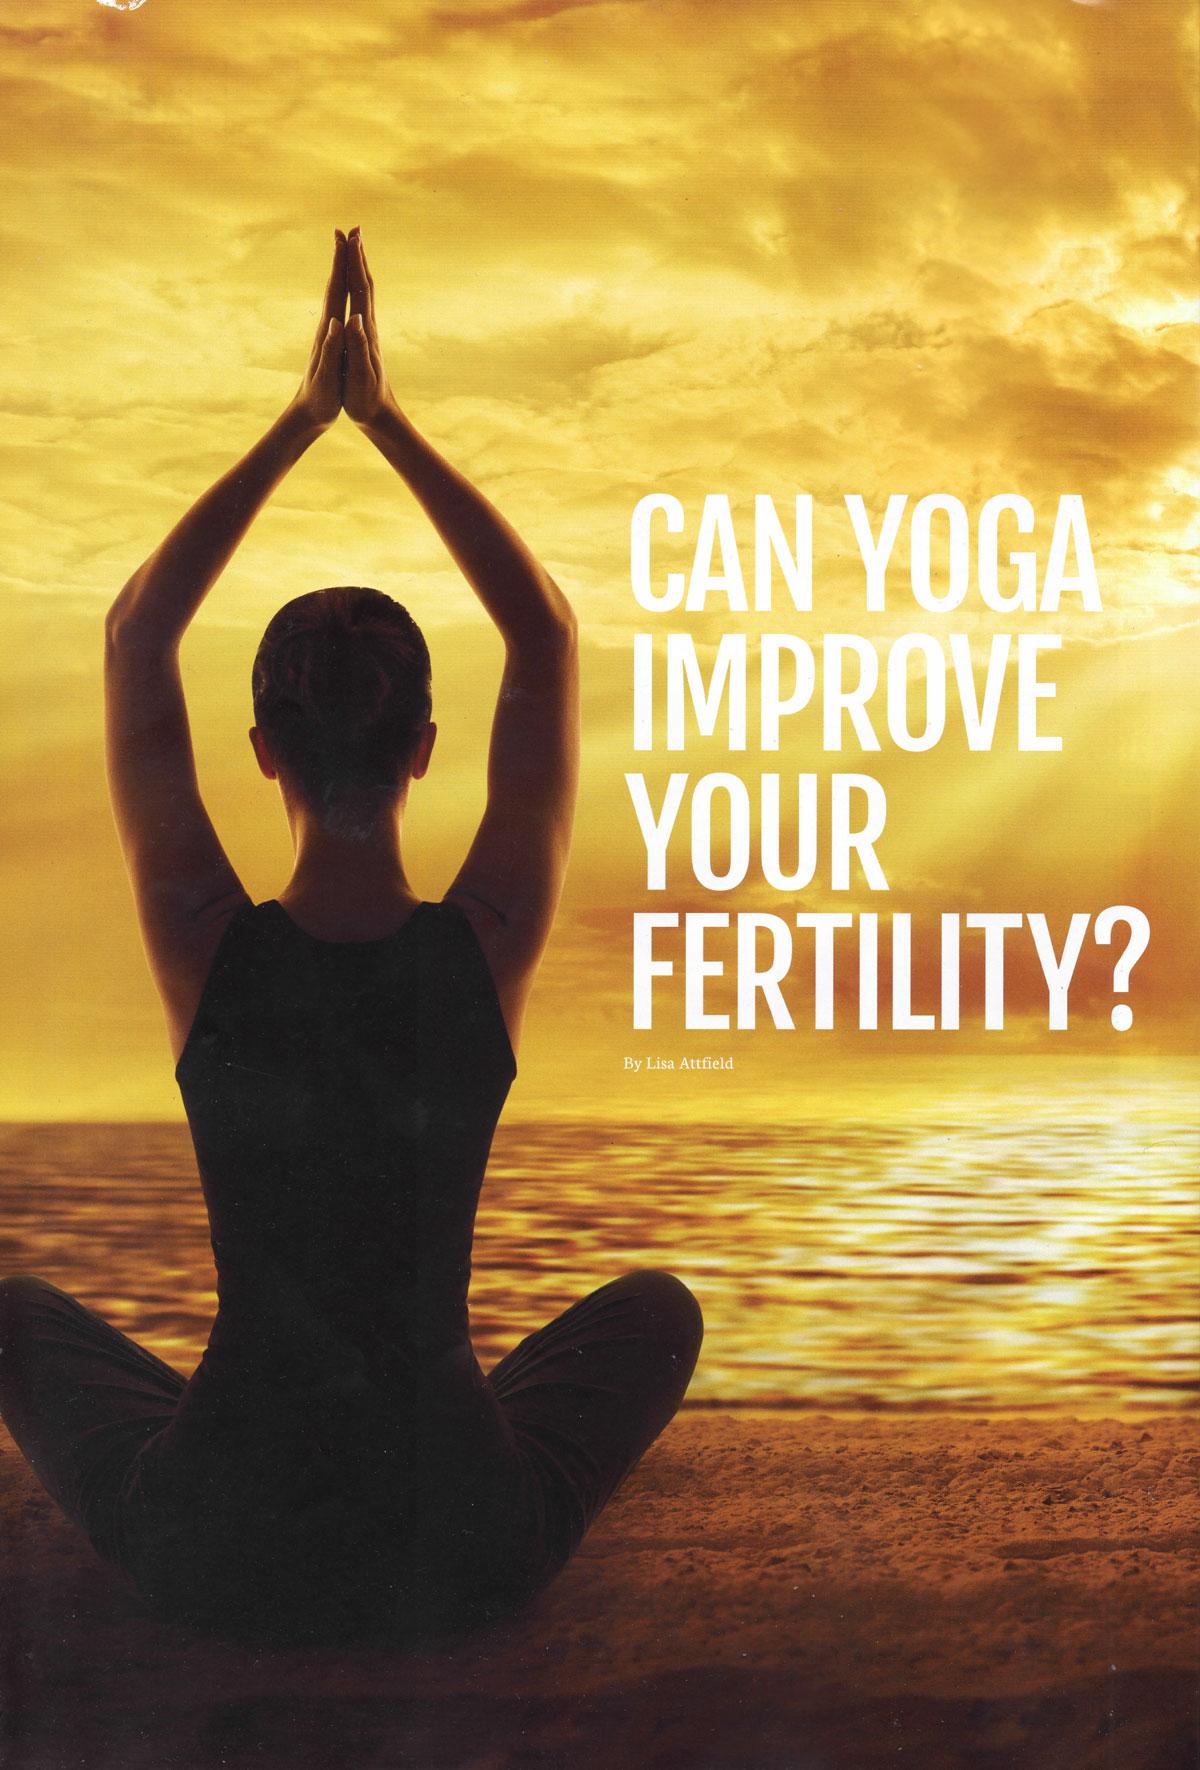 yofa-fertility